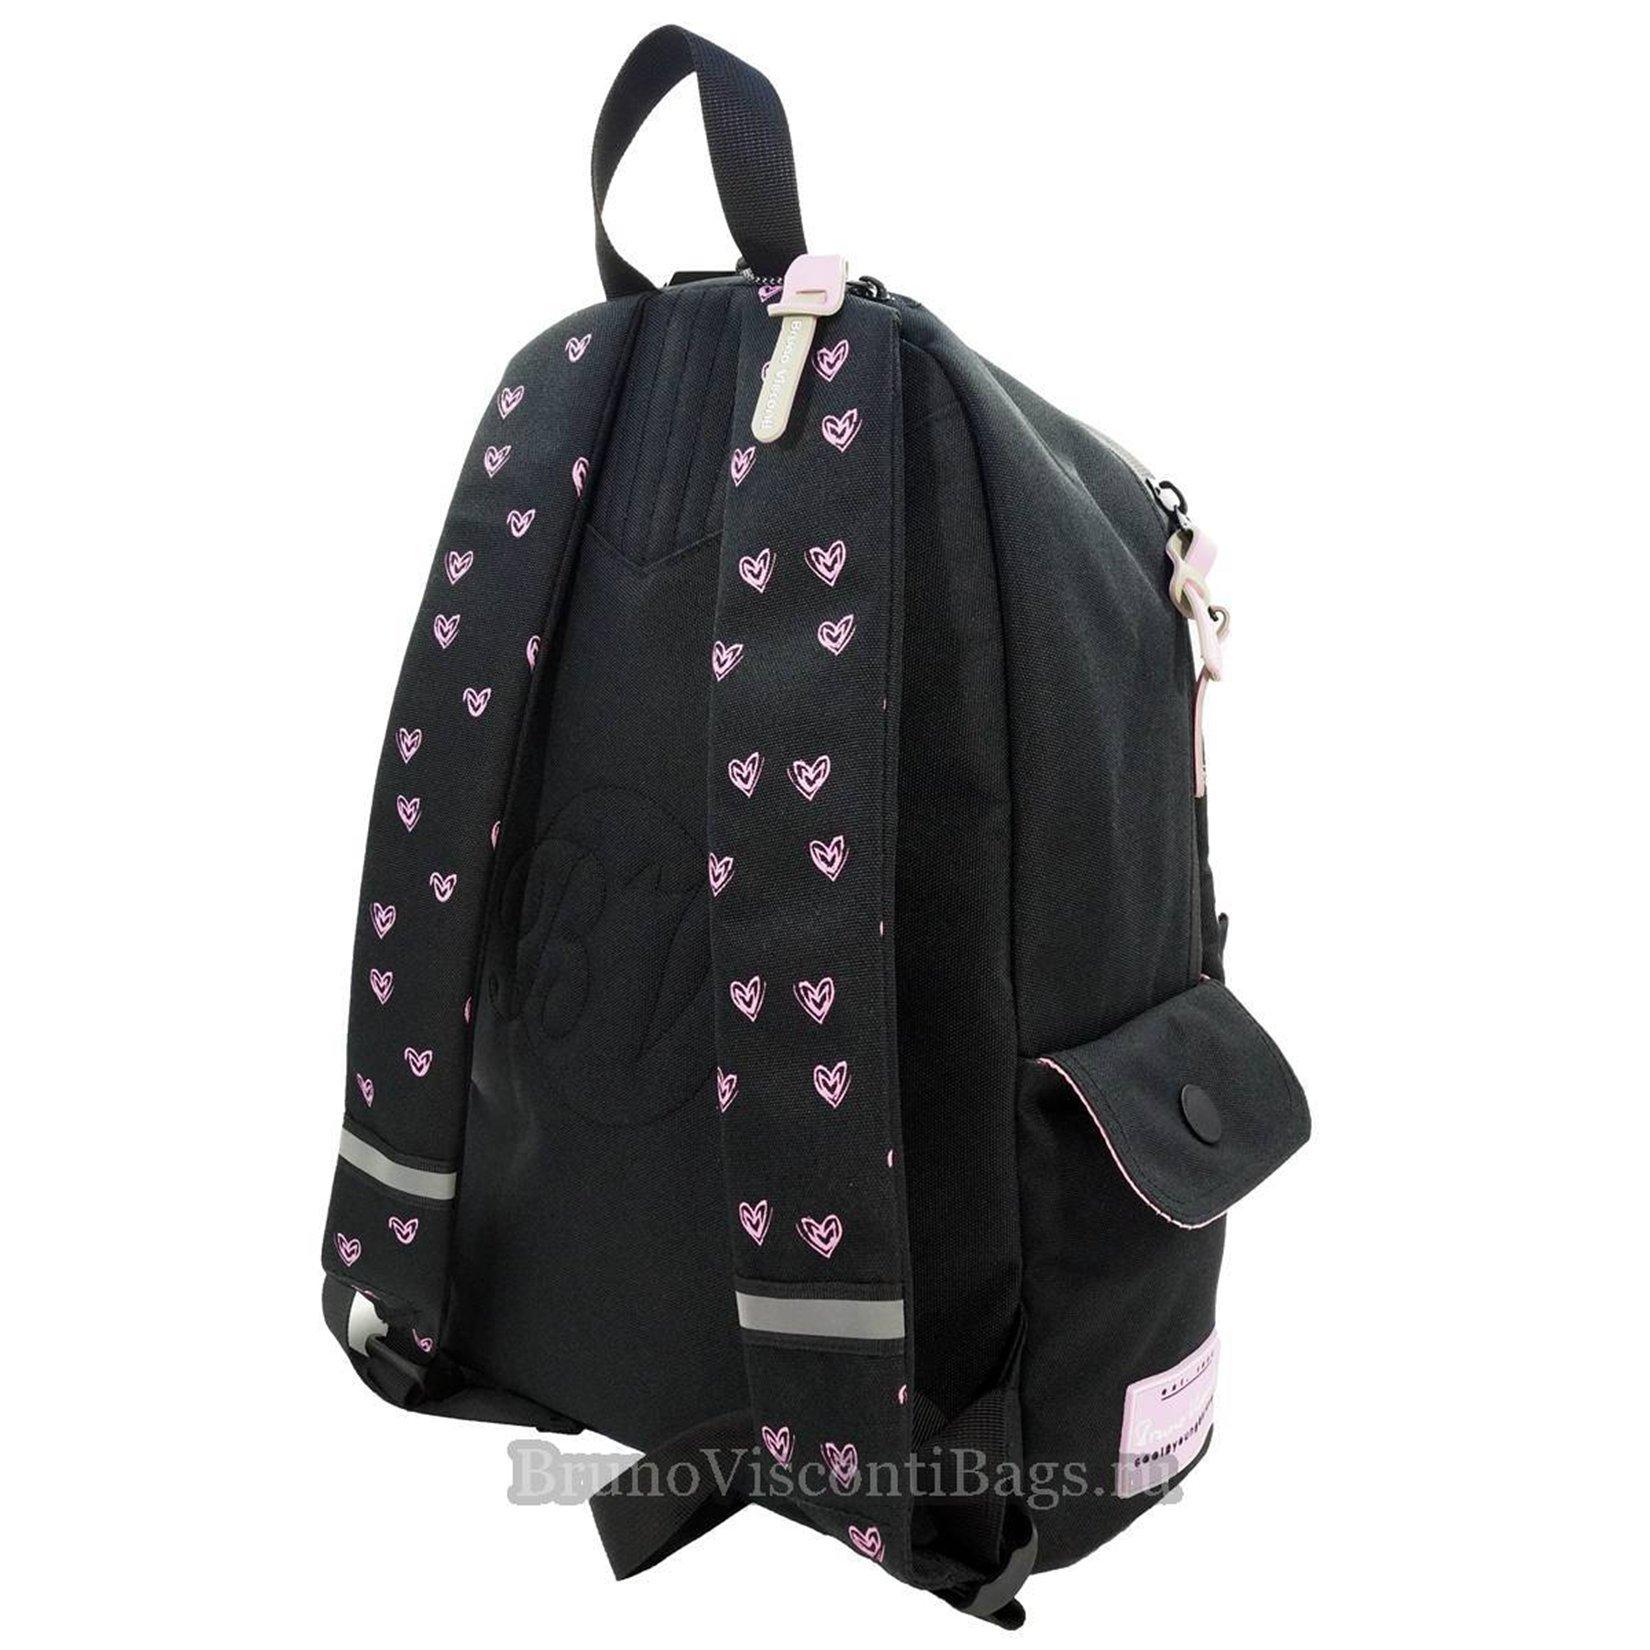 8564be1c08b3 Школьный рюкзак BrunoVisconti Girls черный (Teens)